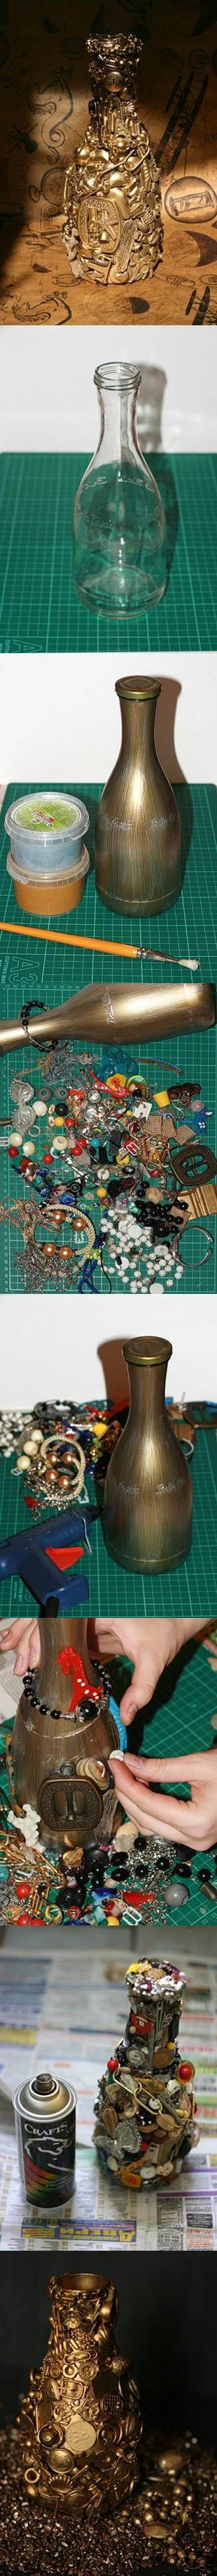 DIY ♻ Botella + botones,clips,monedas,medallas,hebillas,LO QUE TENGAS!